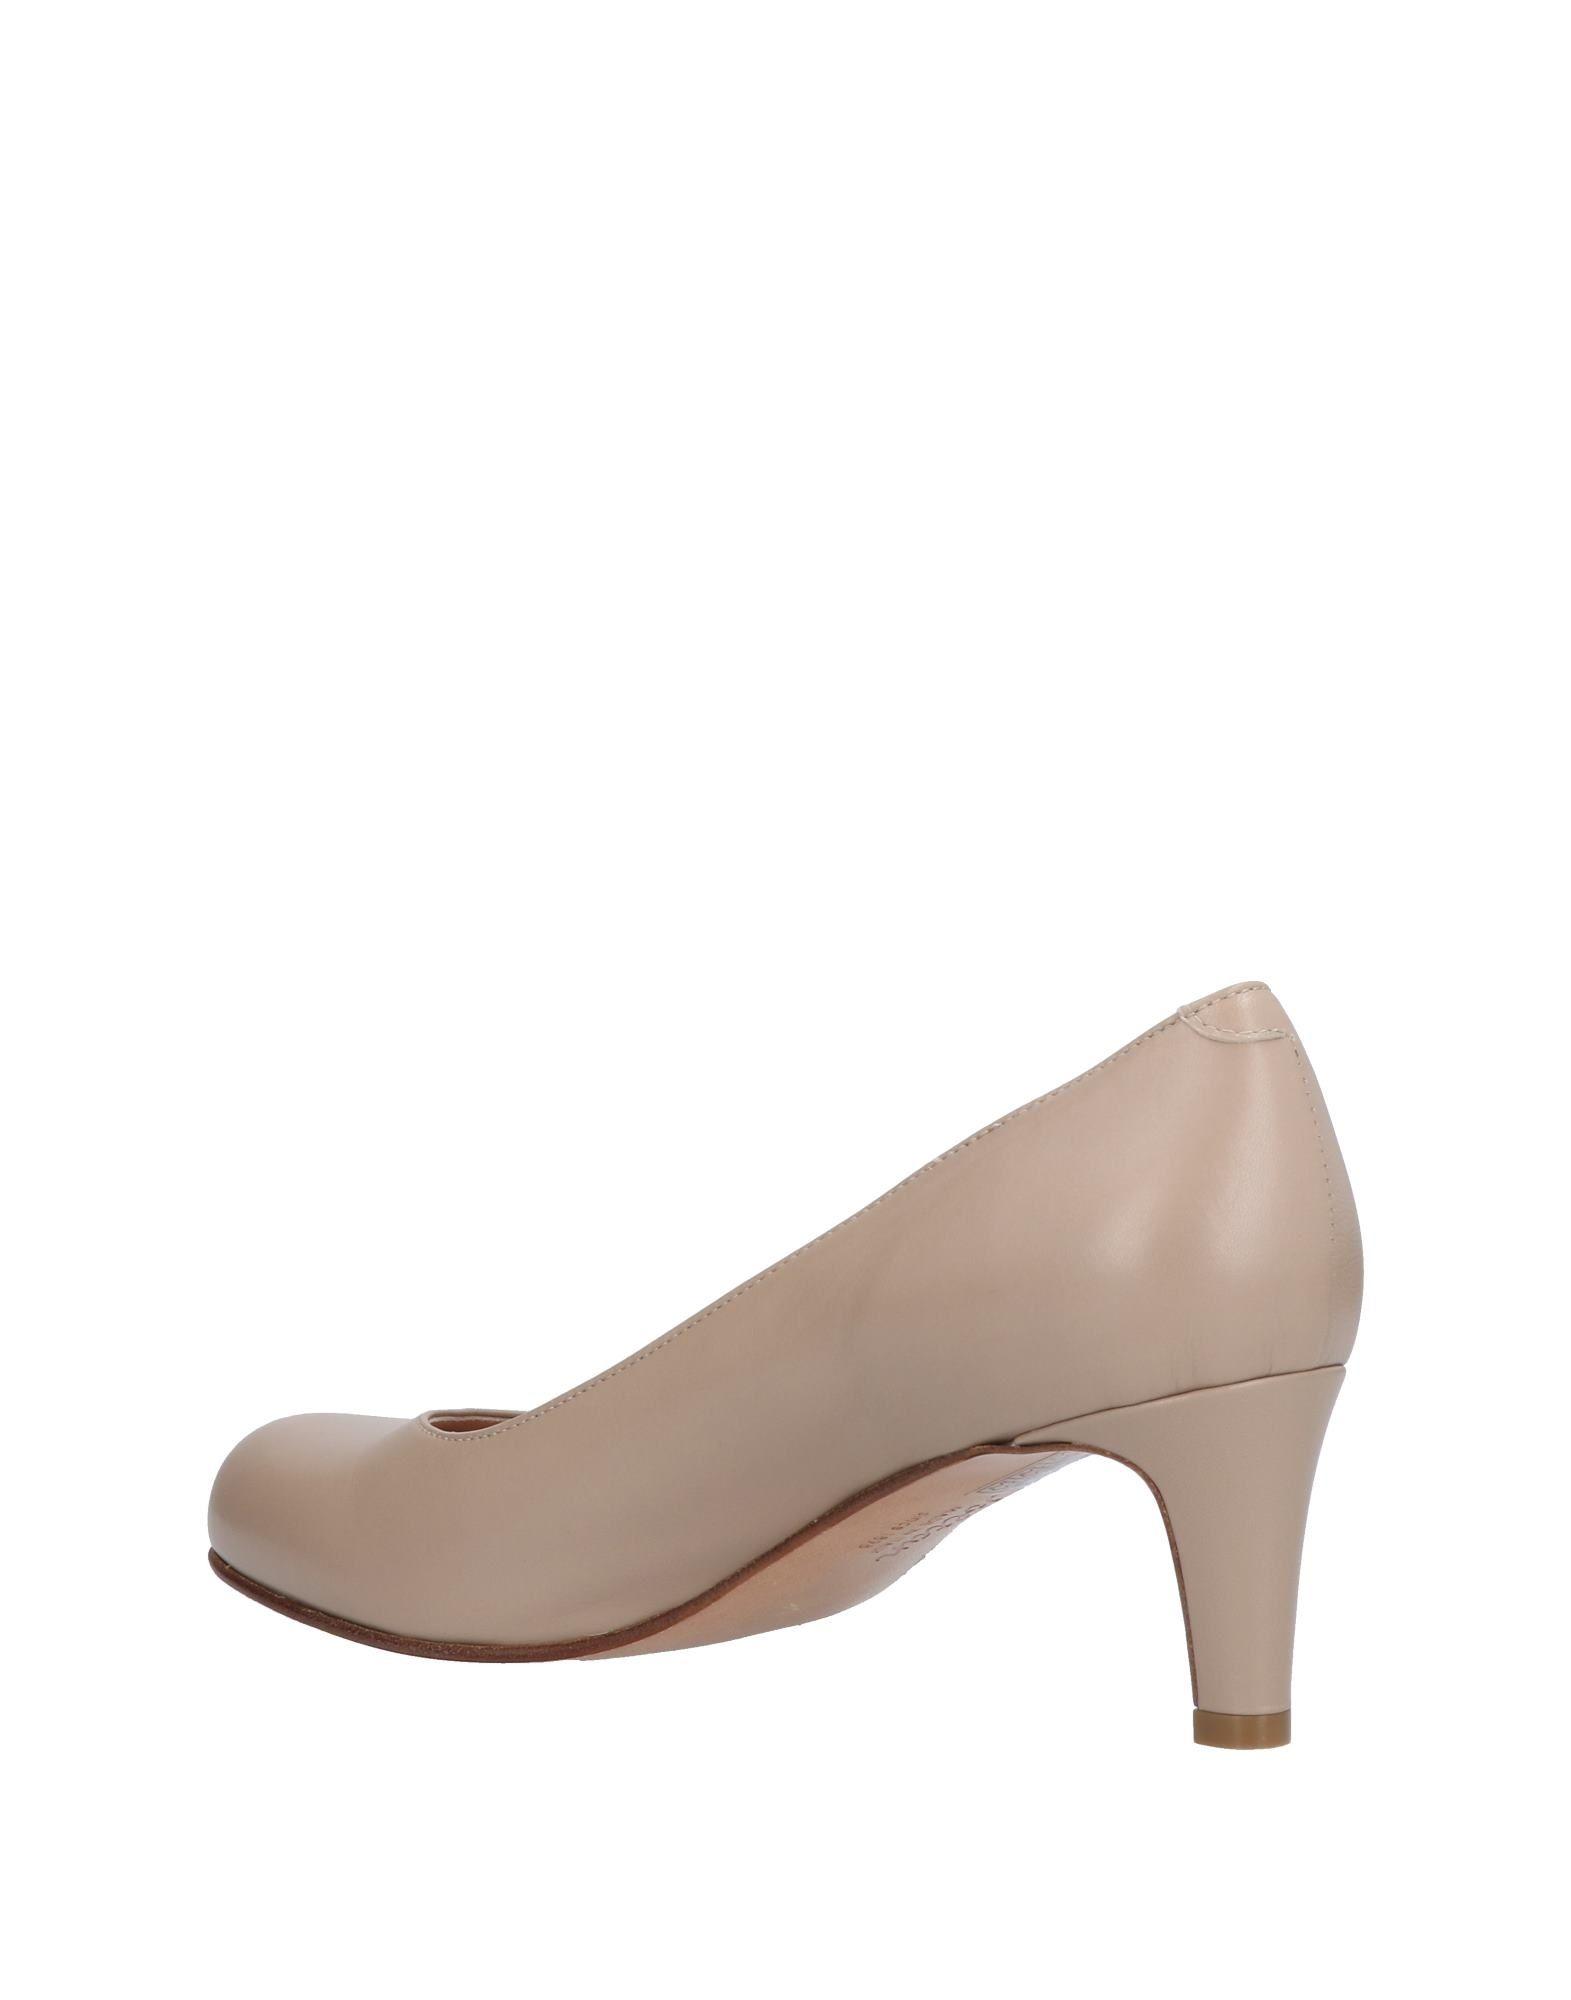 Stilvolle Damen billige Schuhe Voltan Pumps Damen Stilvolle  11472589QK 1e172d